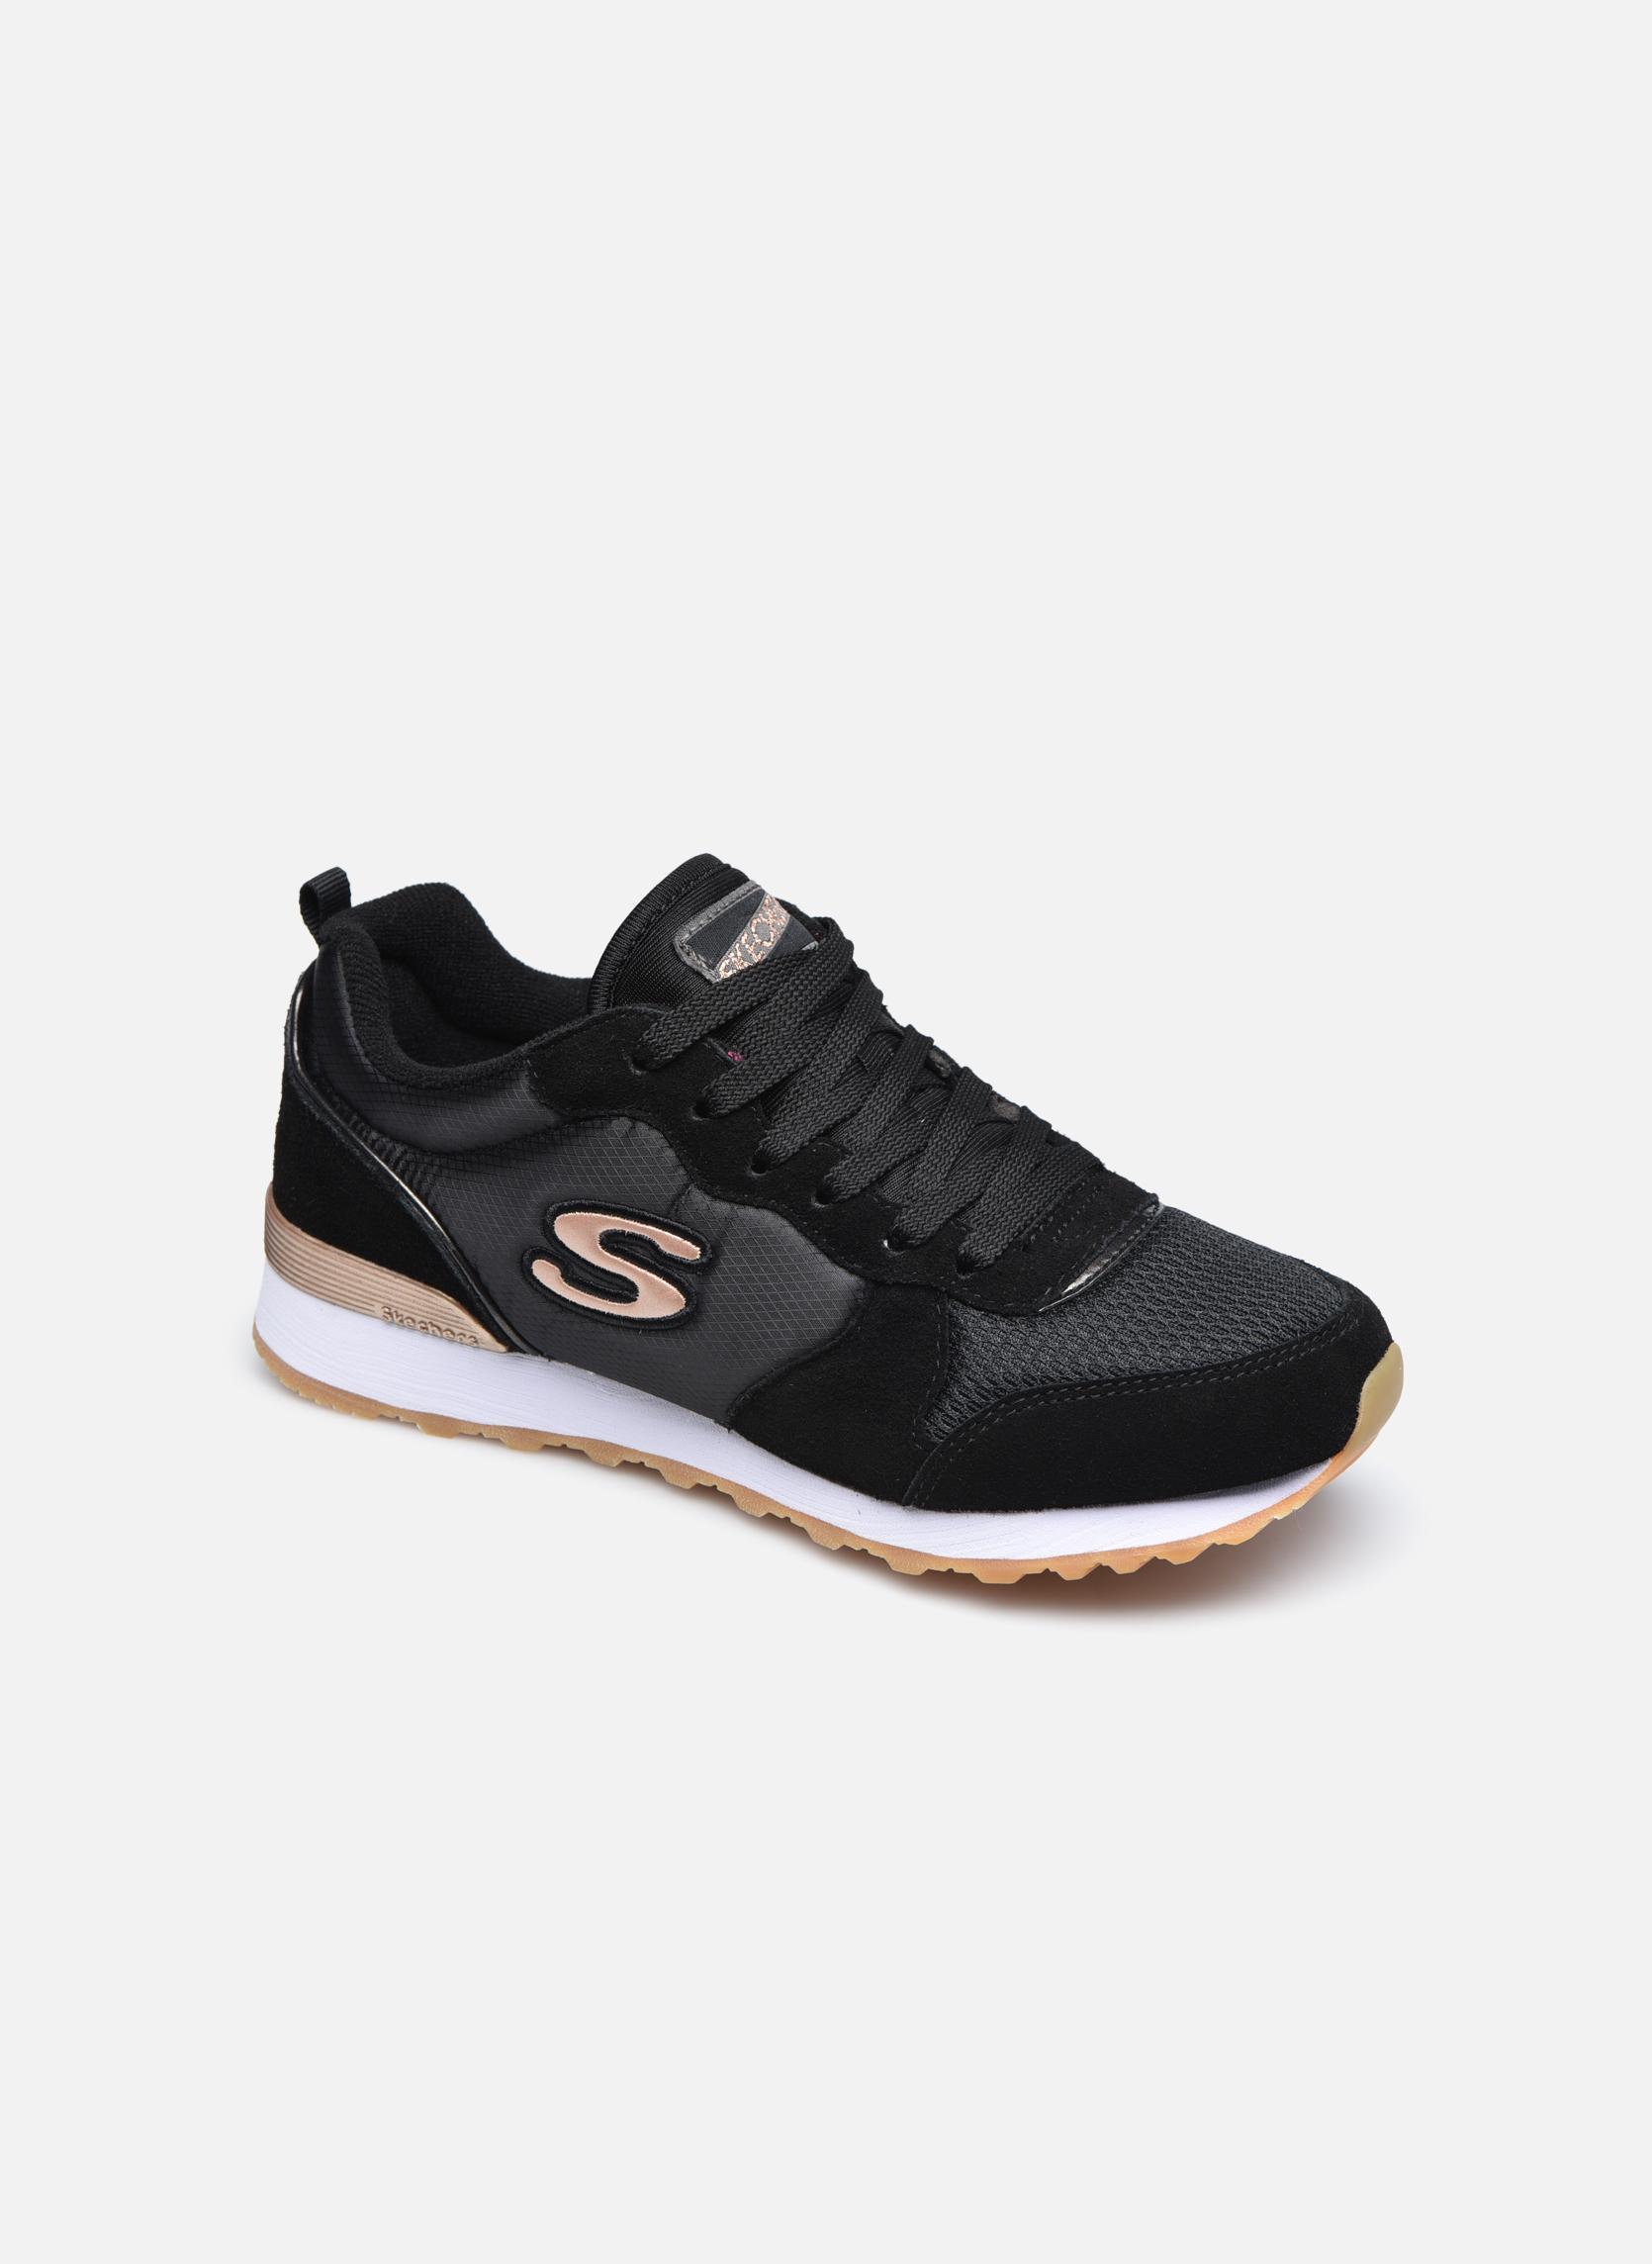 Sneakers Kvinder OG 85 Gold'n Gurl